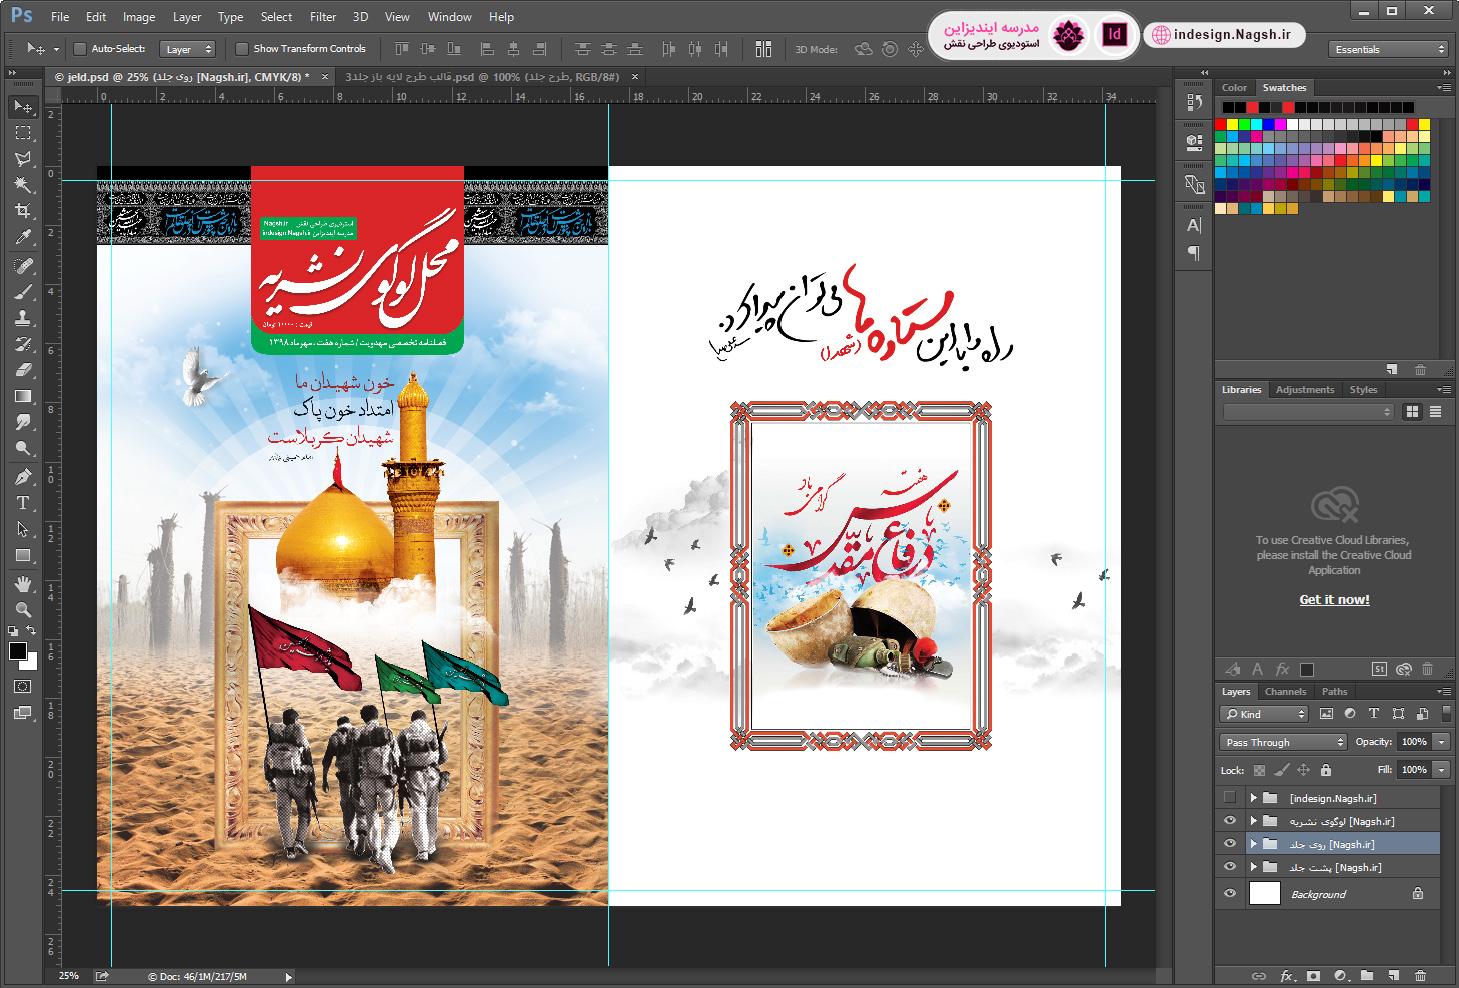 دانلود فایل لایه باز طرح جلد نشریه دفاع مقدس در امتداد عاشورا